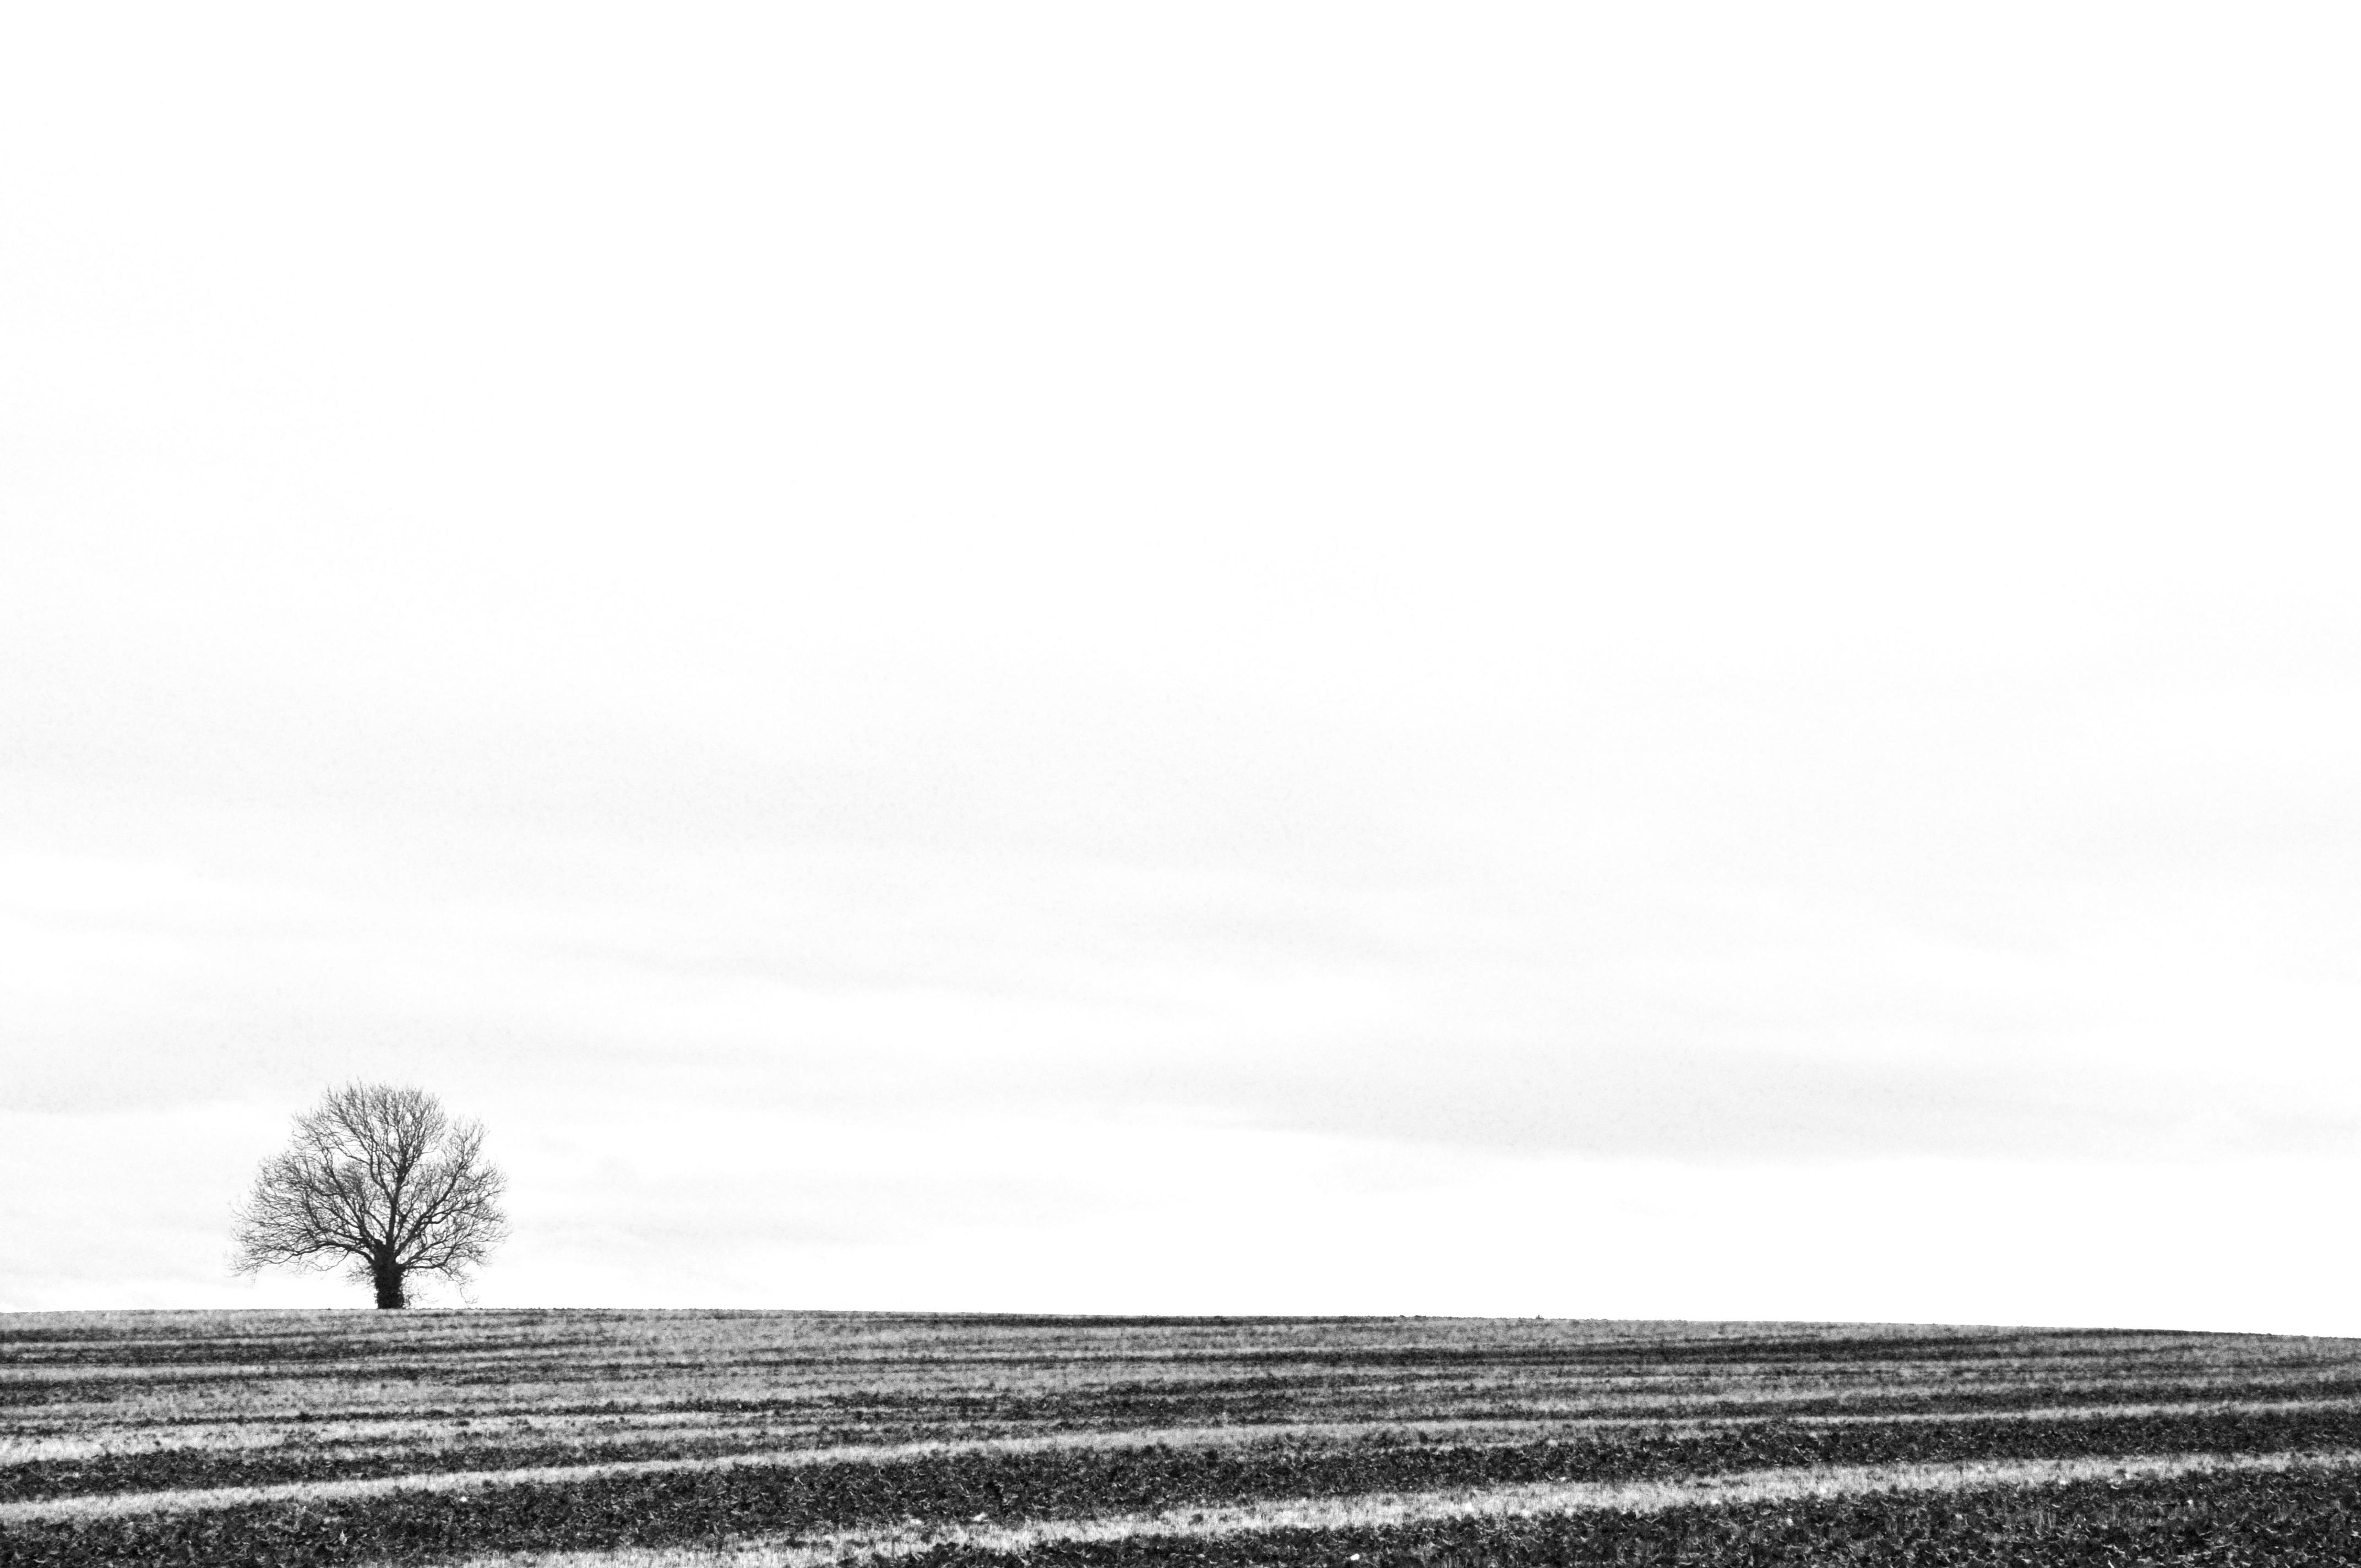 оттенками равнины картинки черно-белые несложно понять этим